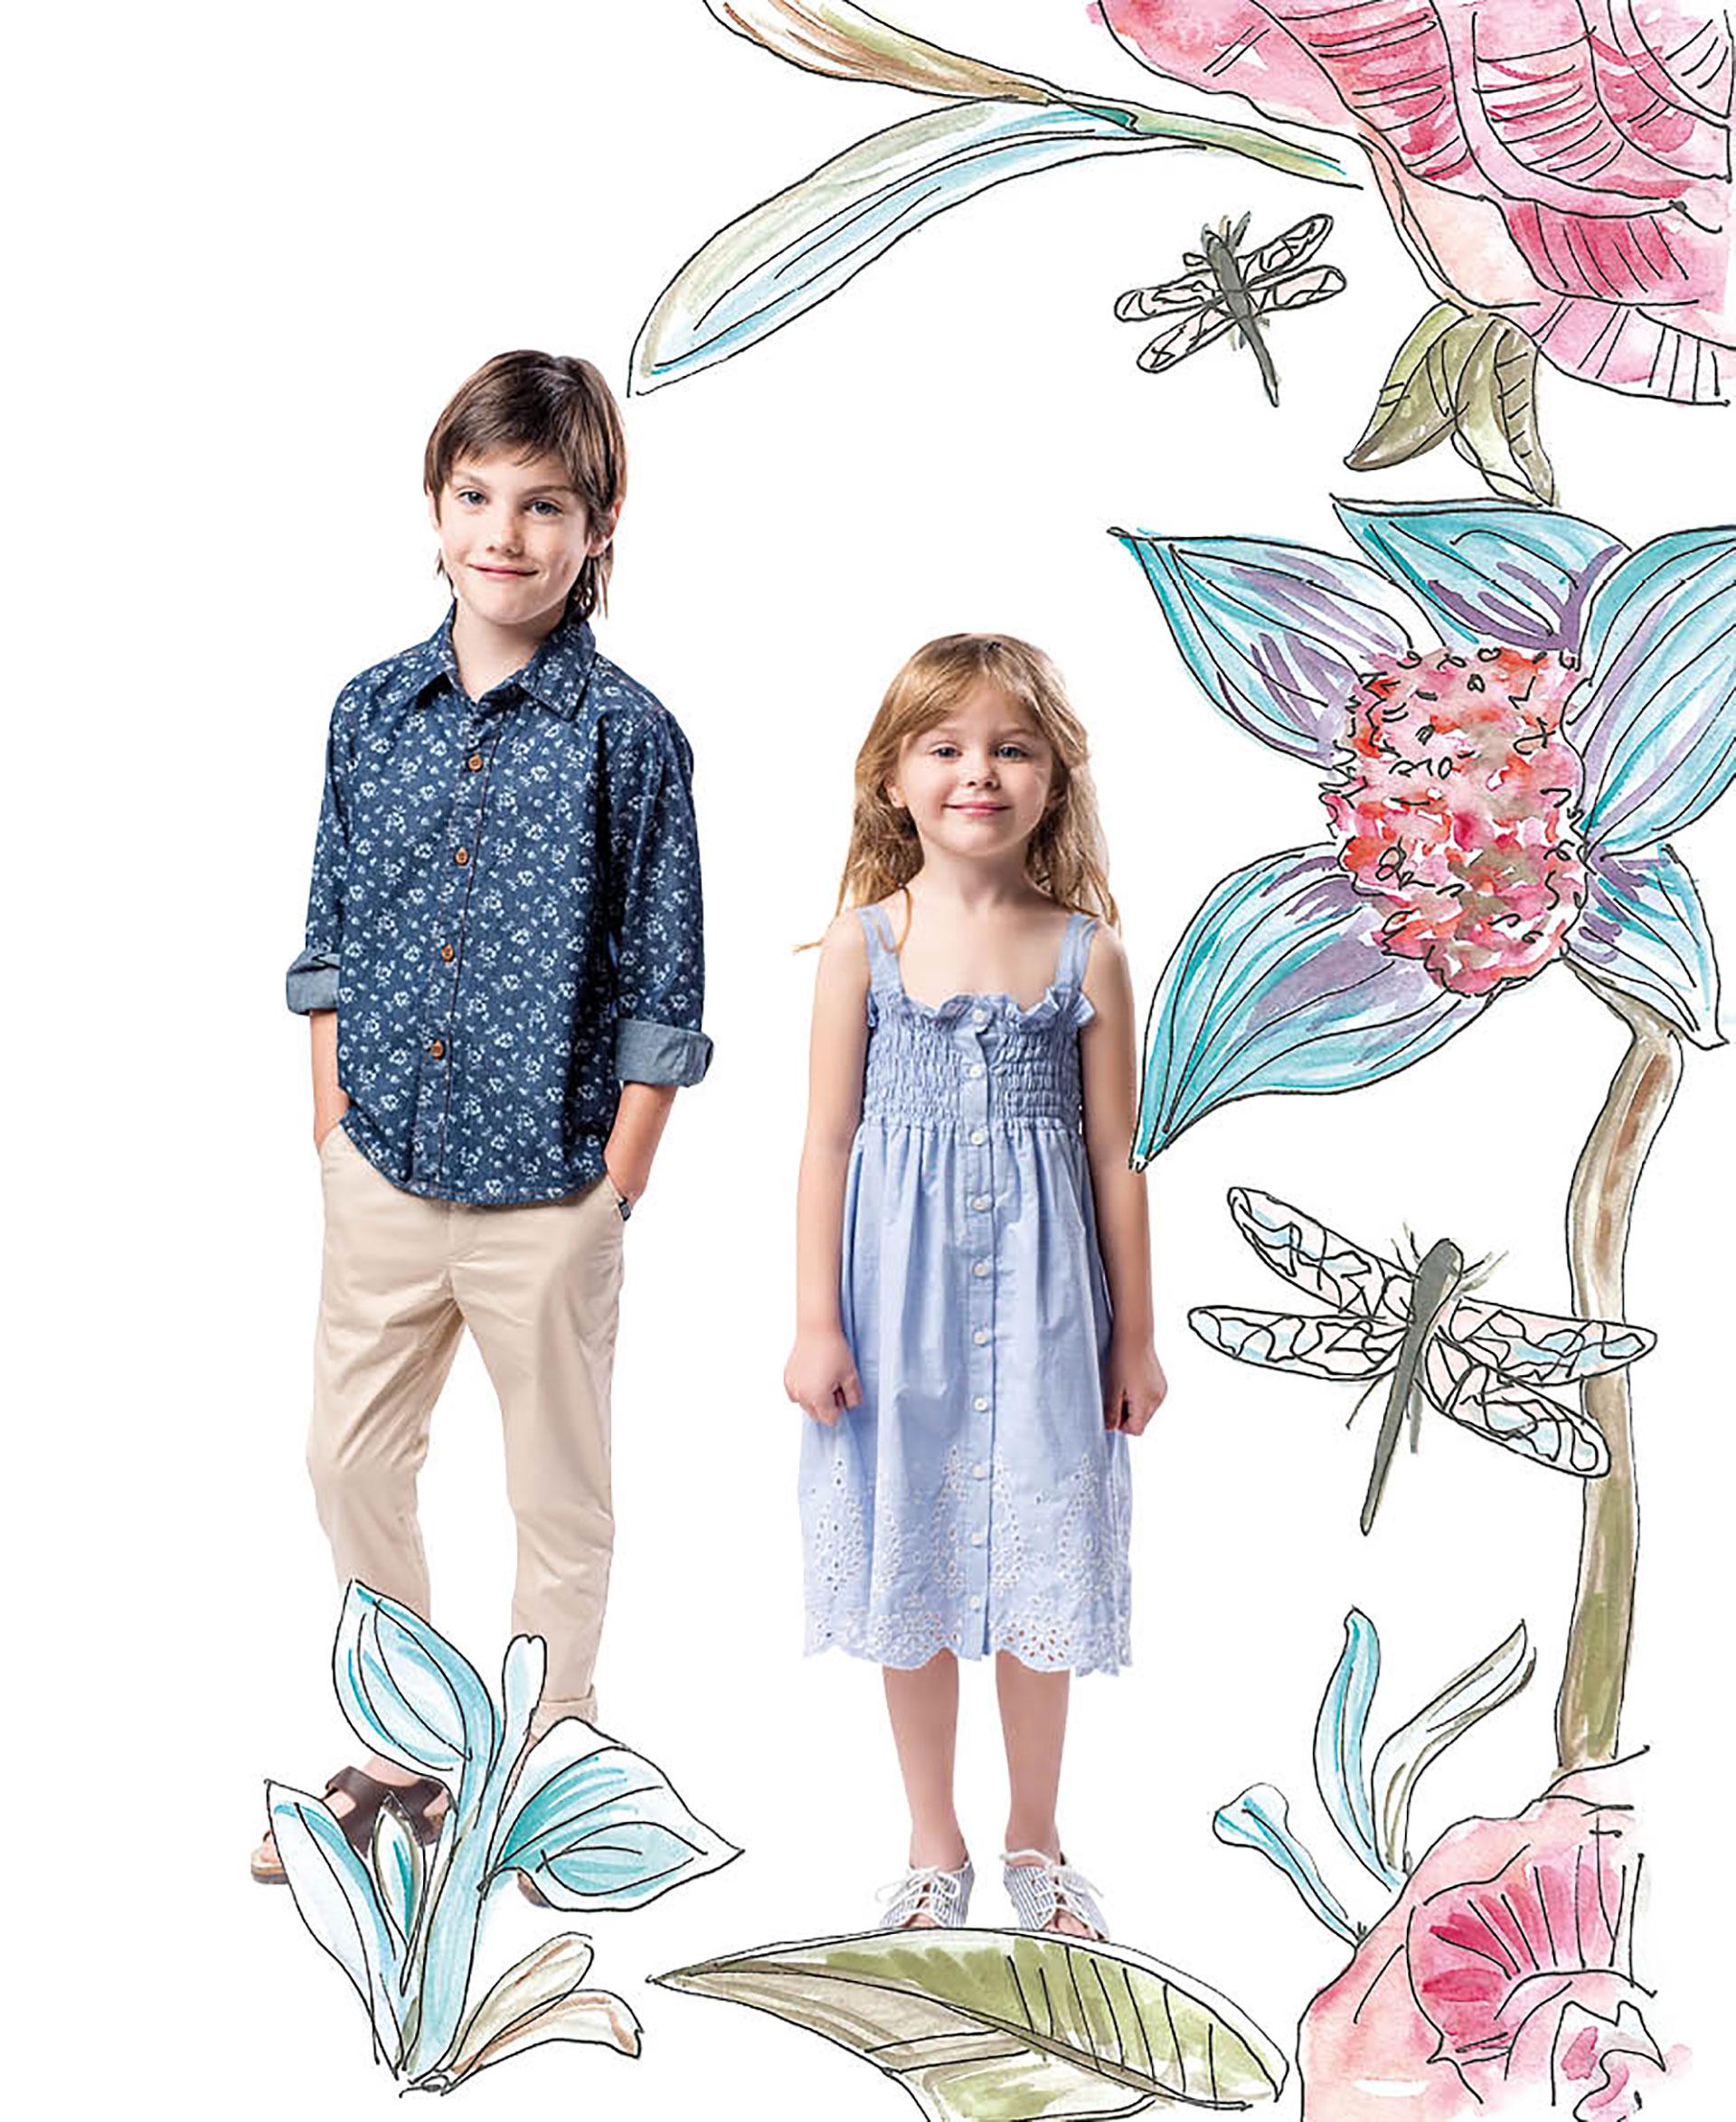 Simón: camisa con flores liberty ($ 1.098), pantalón de gabardina ($ 1.198) y sandalias ($ 1.348). Paz: solero con detalles en broderie ($ 1.598)y sandalias rayadas ($ 1.098). El look de Pioppa. Foto Maia Croizet/Para Ti. Ilustración Victoria Morete